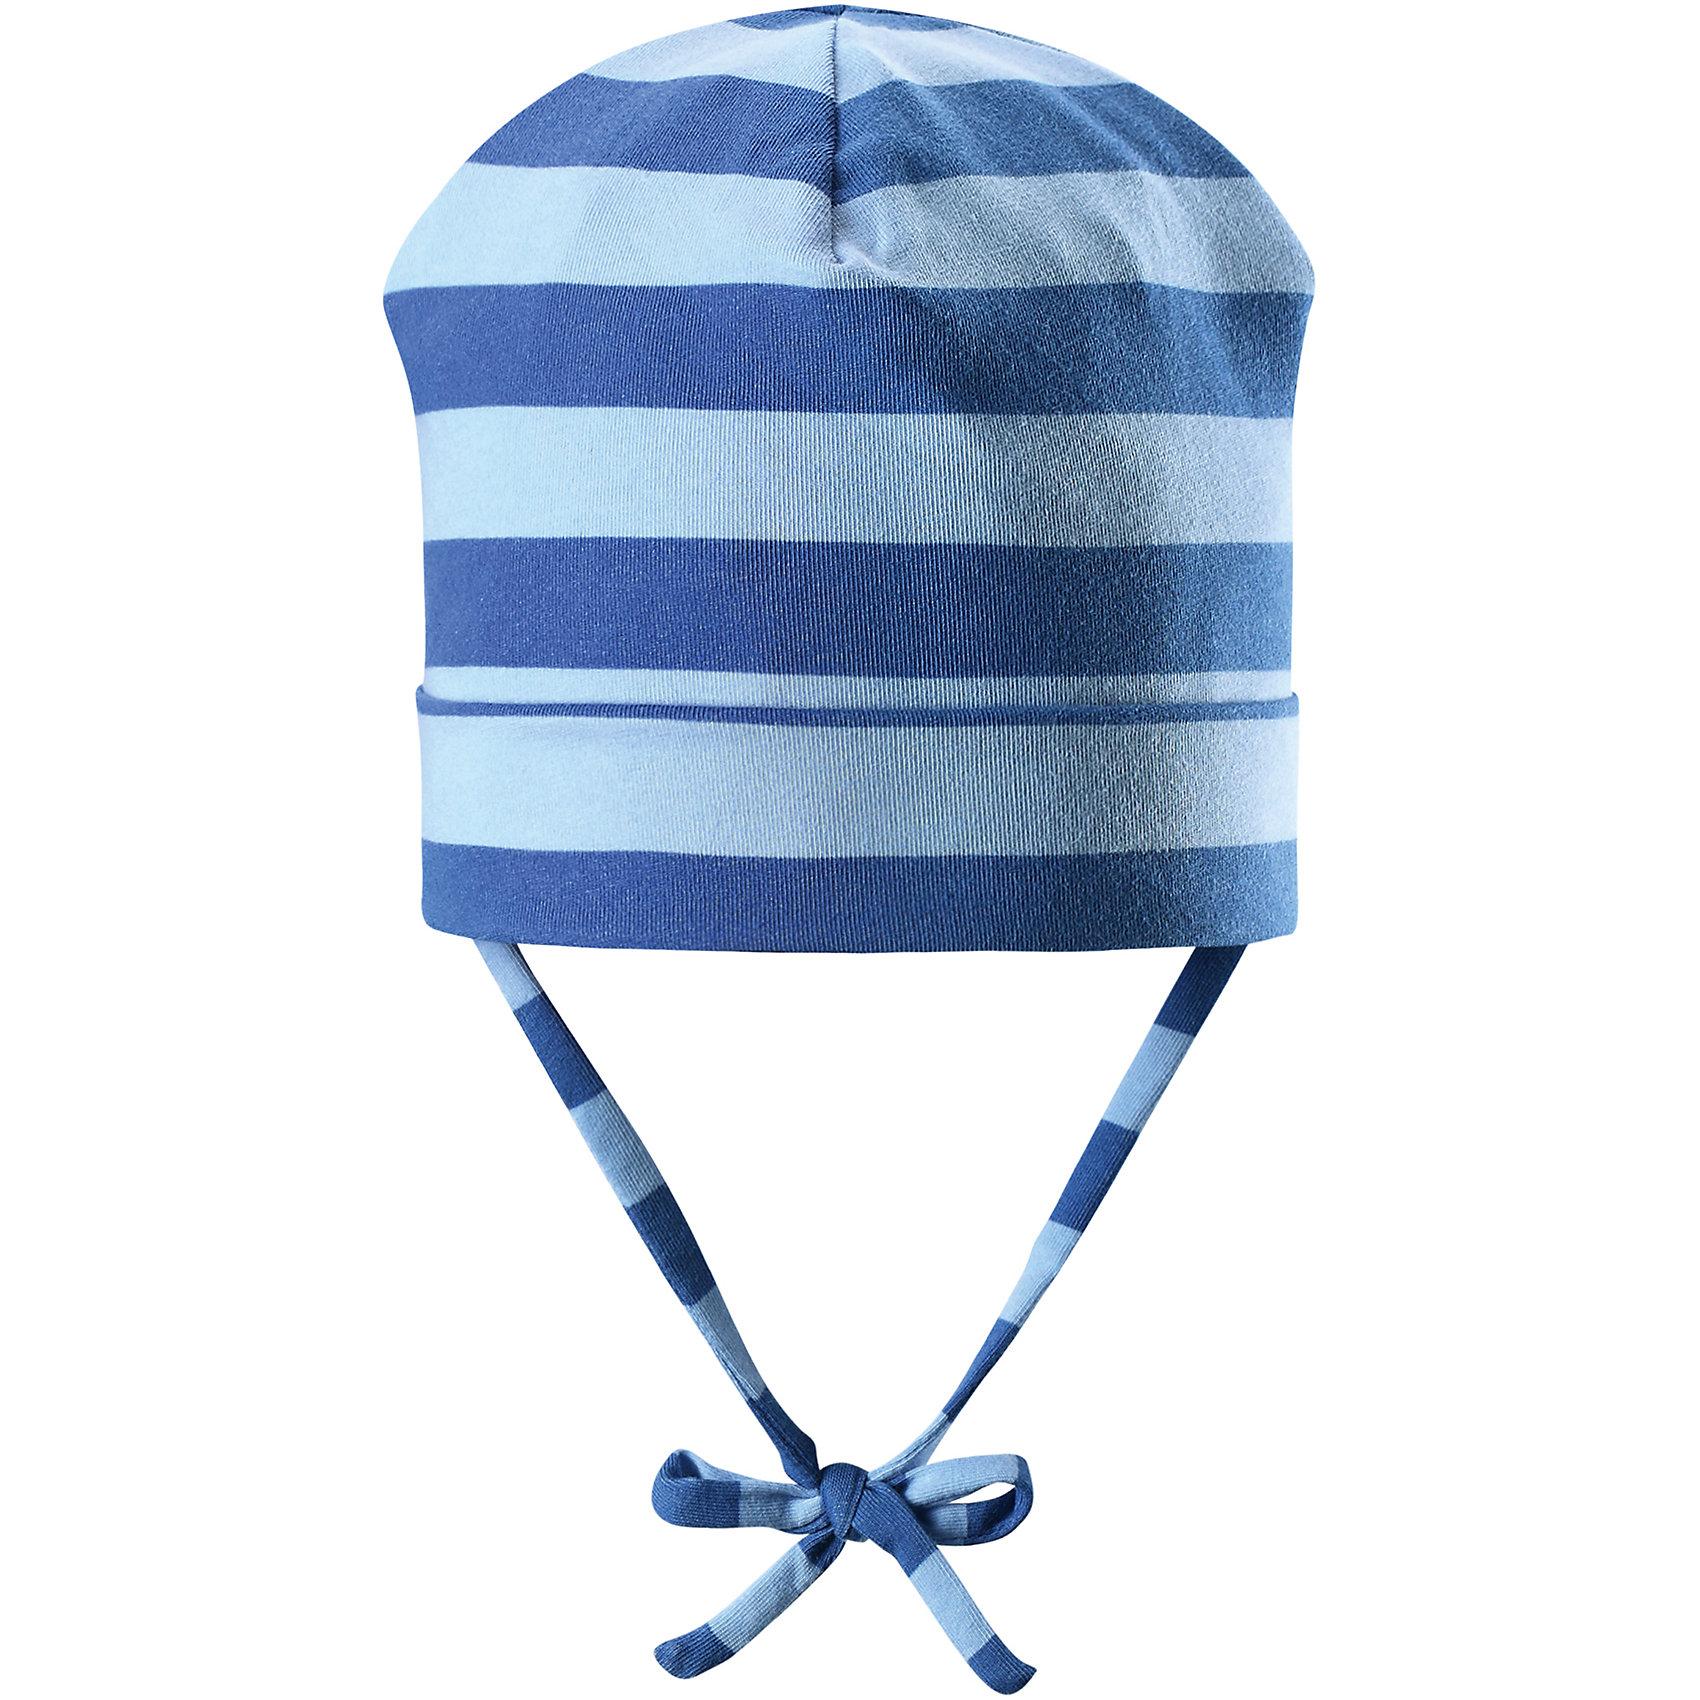 Шапка Linna для мальчика ReimaШапки и шарфы<br>Характеристики товара:<br><br>• цвет: голубой/синий<br>• состав: 65% хлопок, 30% полиэстер, 5% эластан<br>• сплошная подкладка: влаговыводящий трикотаж Play Jersey<br>• температурный режим: от 0С до +10С<br>• фактор защиты от ультрафиолета: 40+<br>• эластичный материал<br>• быстросохнущий, очень приятный на ощупь материал Play Jersey<br>• приятная на ощупь хлопковая поверхность<br>• влагоотводящая изнаночная сторона<br>• завязки во всех размерах<br>• эмблема Reima сзади<br>• страна бренда: Финляндия<br>• страна производства: Китай<br><br>Детский головной убор может быть модным и удобным одновременно! Стильная шапка поможет обеспечить ребенку комфорт и дополнить наряд. Шапка удобно сидит и аккуратно выглядит. Проста в уходе, долго служит. Стильный дизайн разрабатывался специально для детей. Отличная защита от дождя и ветра!<br><br>Уход:<br><br>• стирать с бельем одинакового цвета, вывернув наизнанку<br>• полоскать без специального средства<br>• придать первоначальную форму вo влажном виде.<br><br>Шапку от финского бренда Reima (Рейма) можно купить в нашем интернет-магазине.<br><br>Ширина мм: 89<br>Глубина мм: 117<br>Высота мм: 44<br>Вес г: 155<br>Цвет: синий<br>Возраст от месяцев: 6<br>Возраст до месяцев: 9<br>Пол: Мужской<br>Возраст: Детский<br>Размер: 46,50,48,52<br>SKU: 5271030